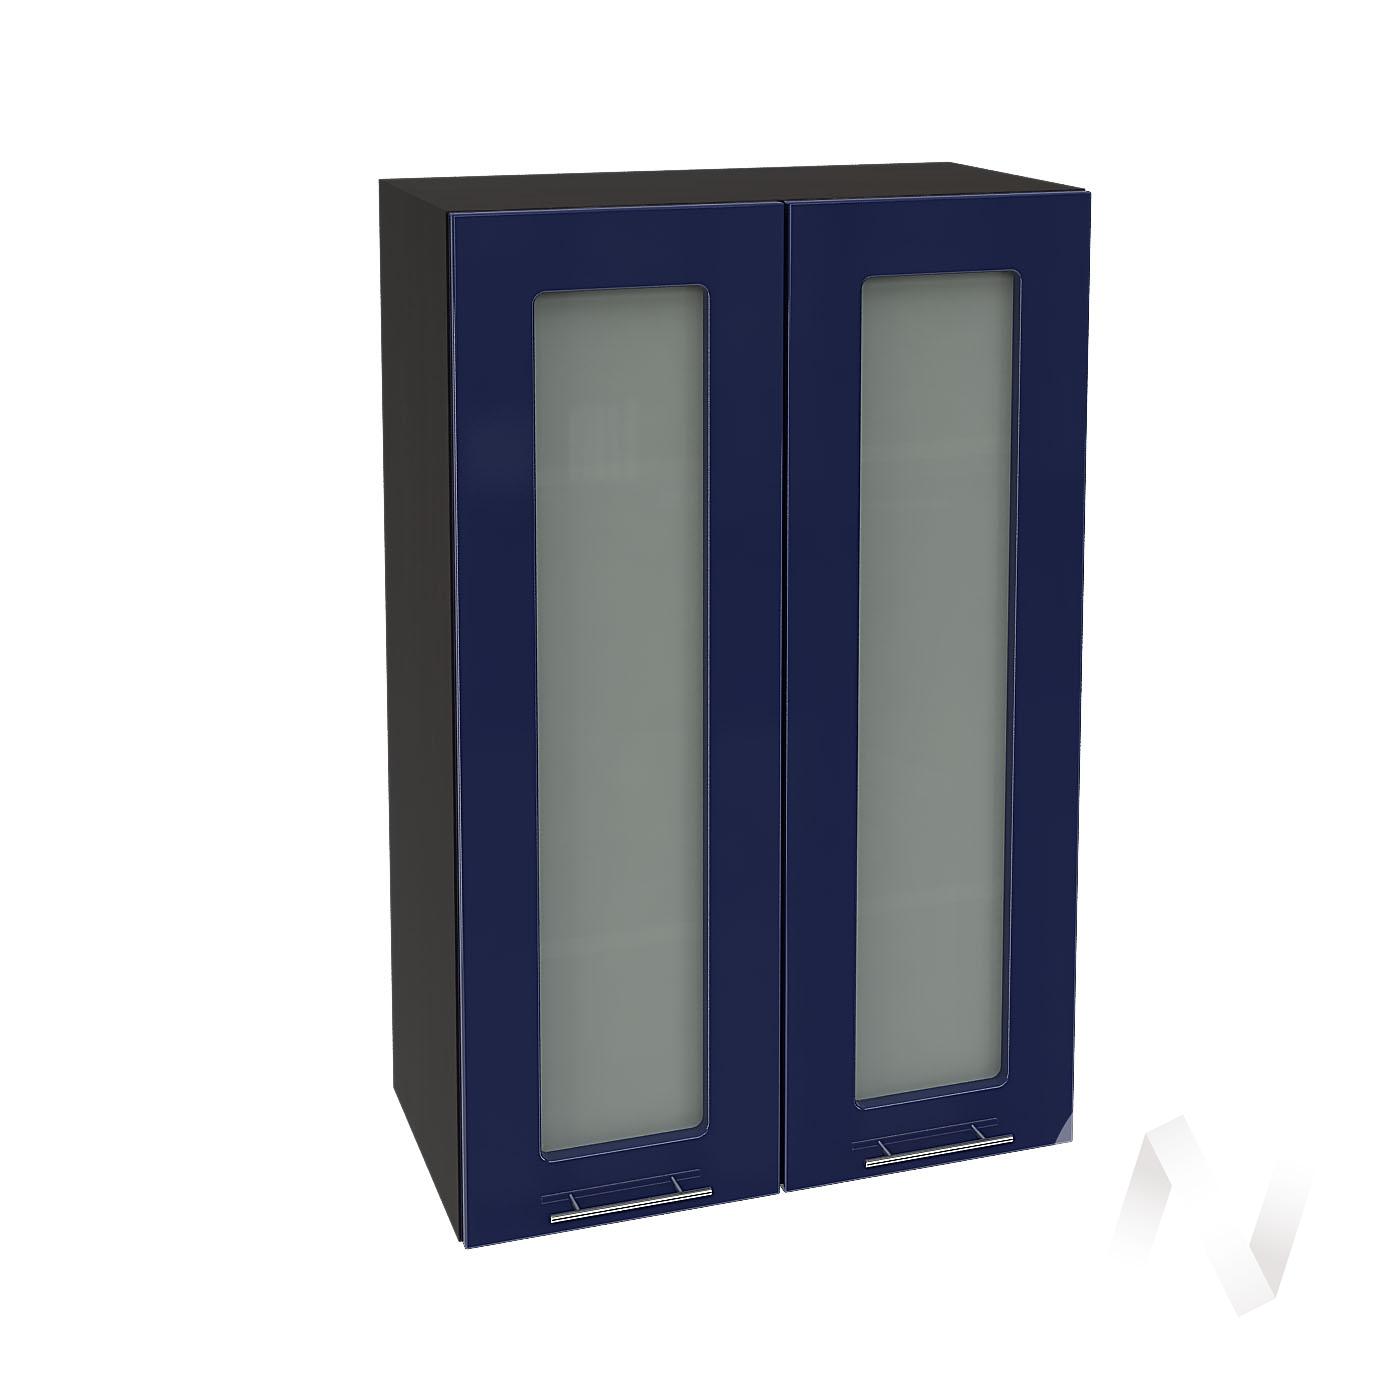 """Кухня """"Валерия-М"""": Шкаф верхний со стеклом 609, ШВС 609 новый (Синий глянец/корпус венге)"""